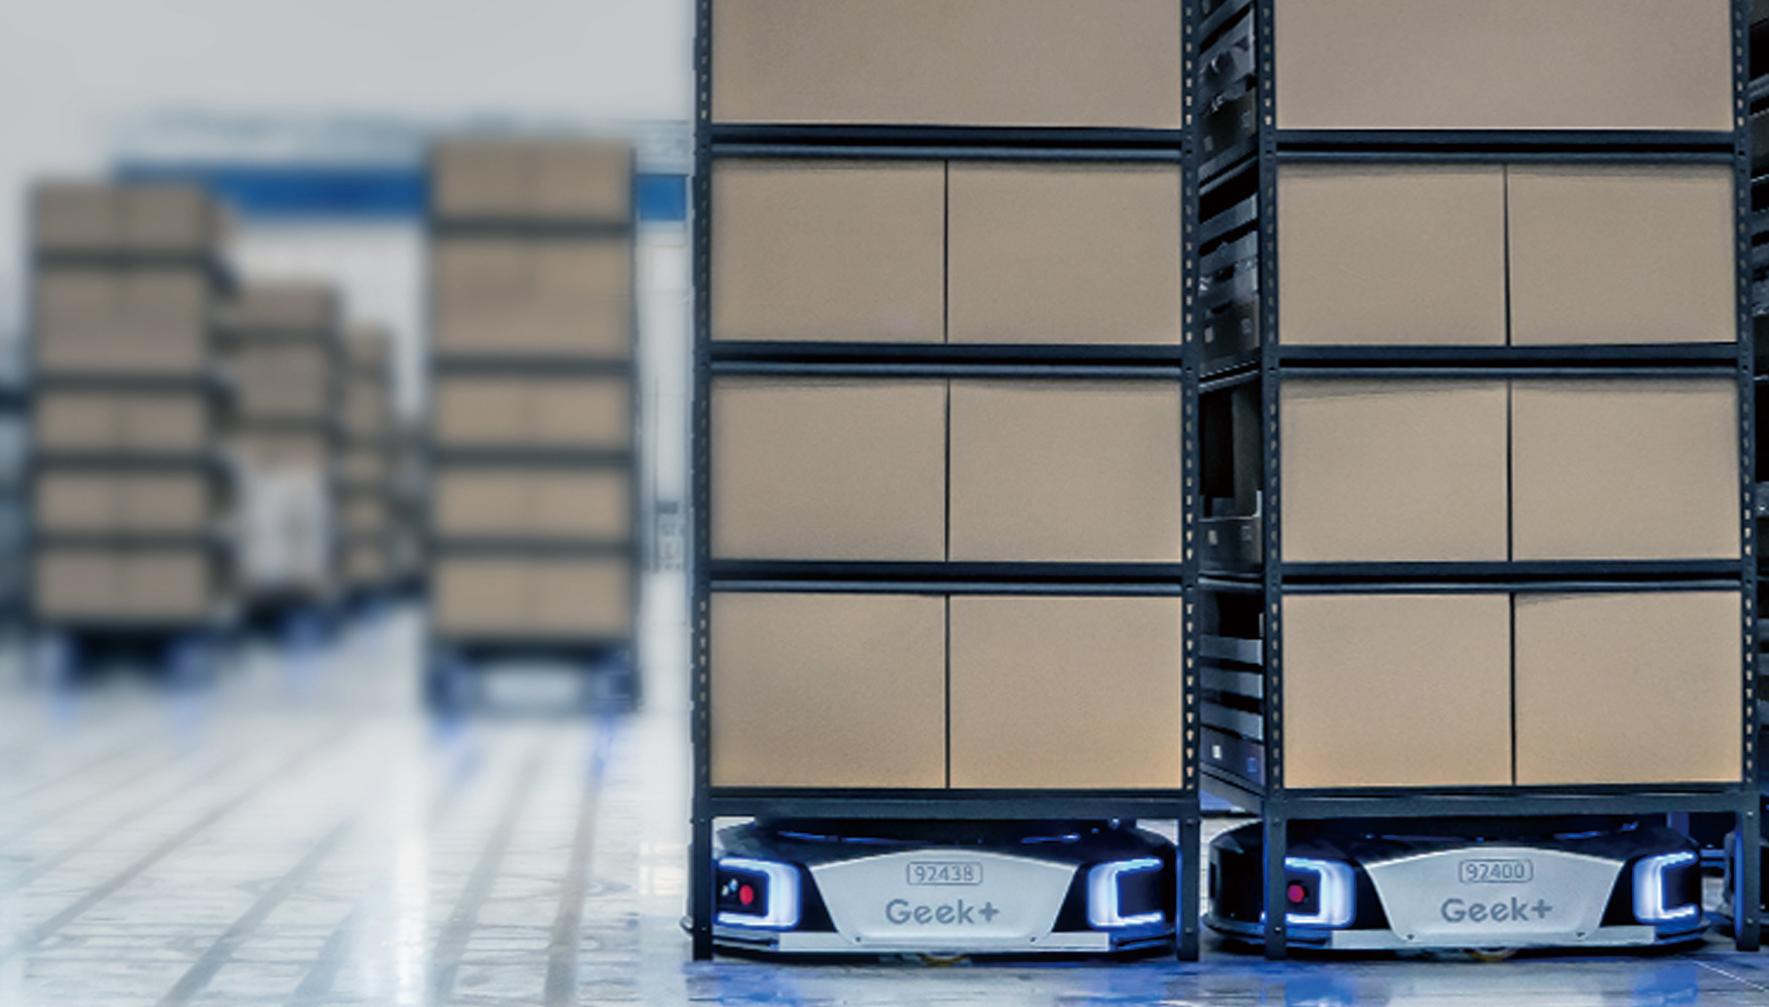 ニュース |  <br>三菱倉庫のEC向け物流センター「SharE Center misato」で<br>ギークプラスの自動棚搬送ロボットが採用